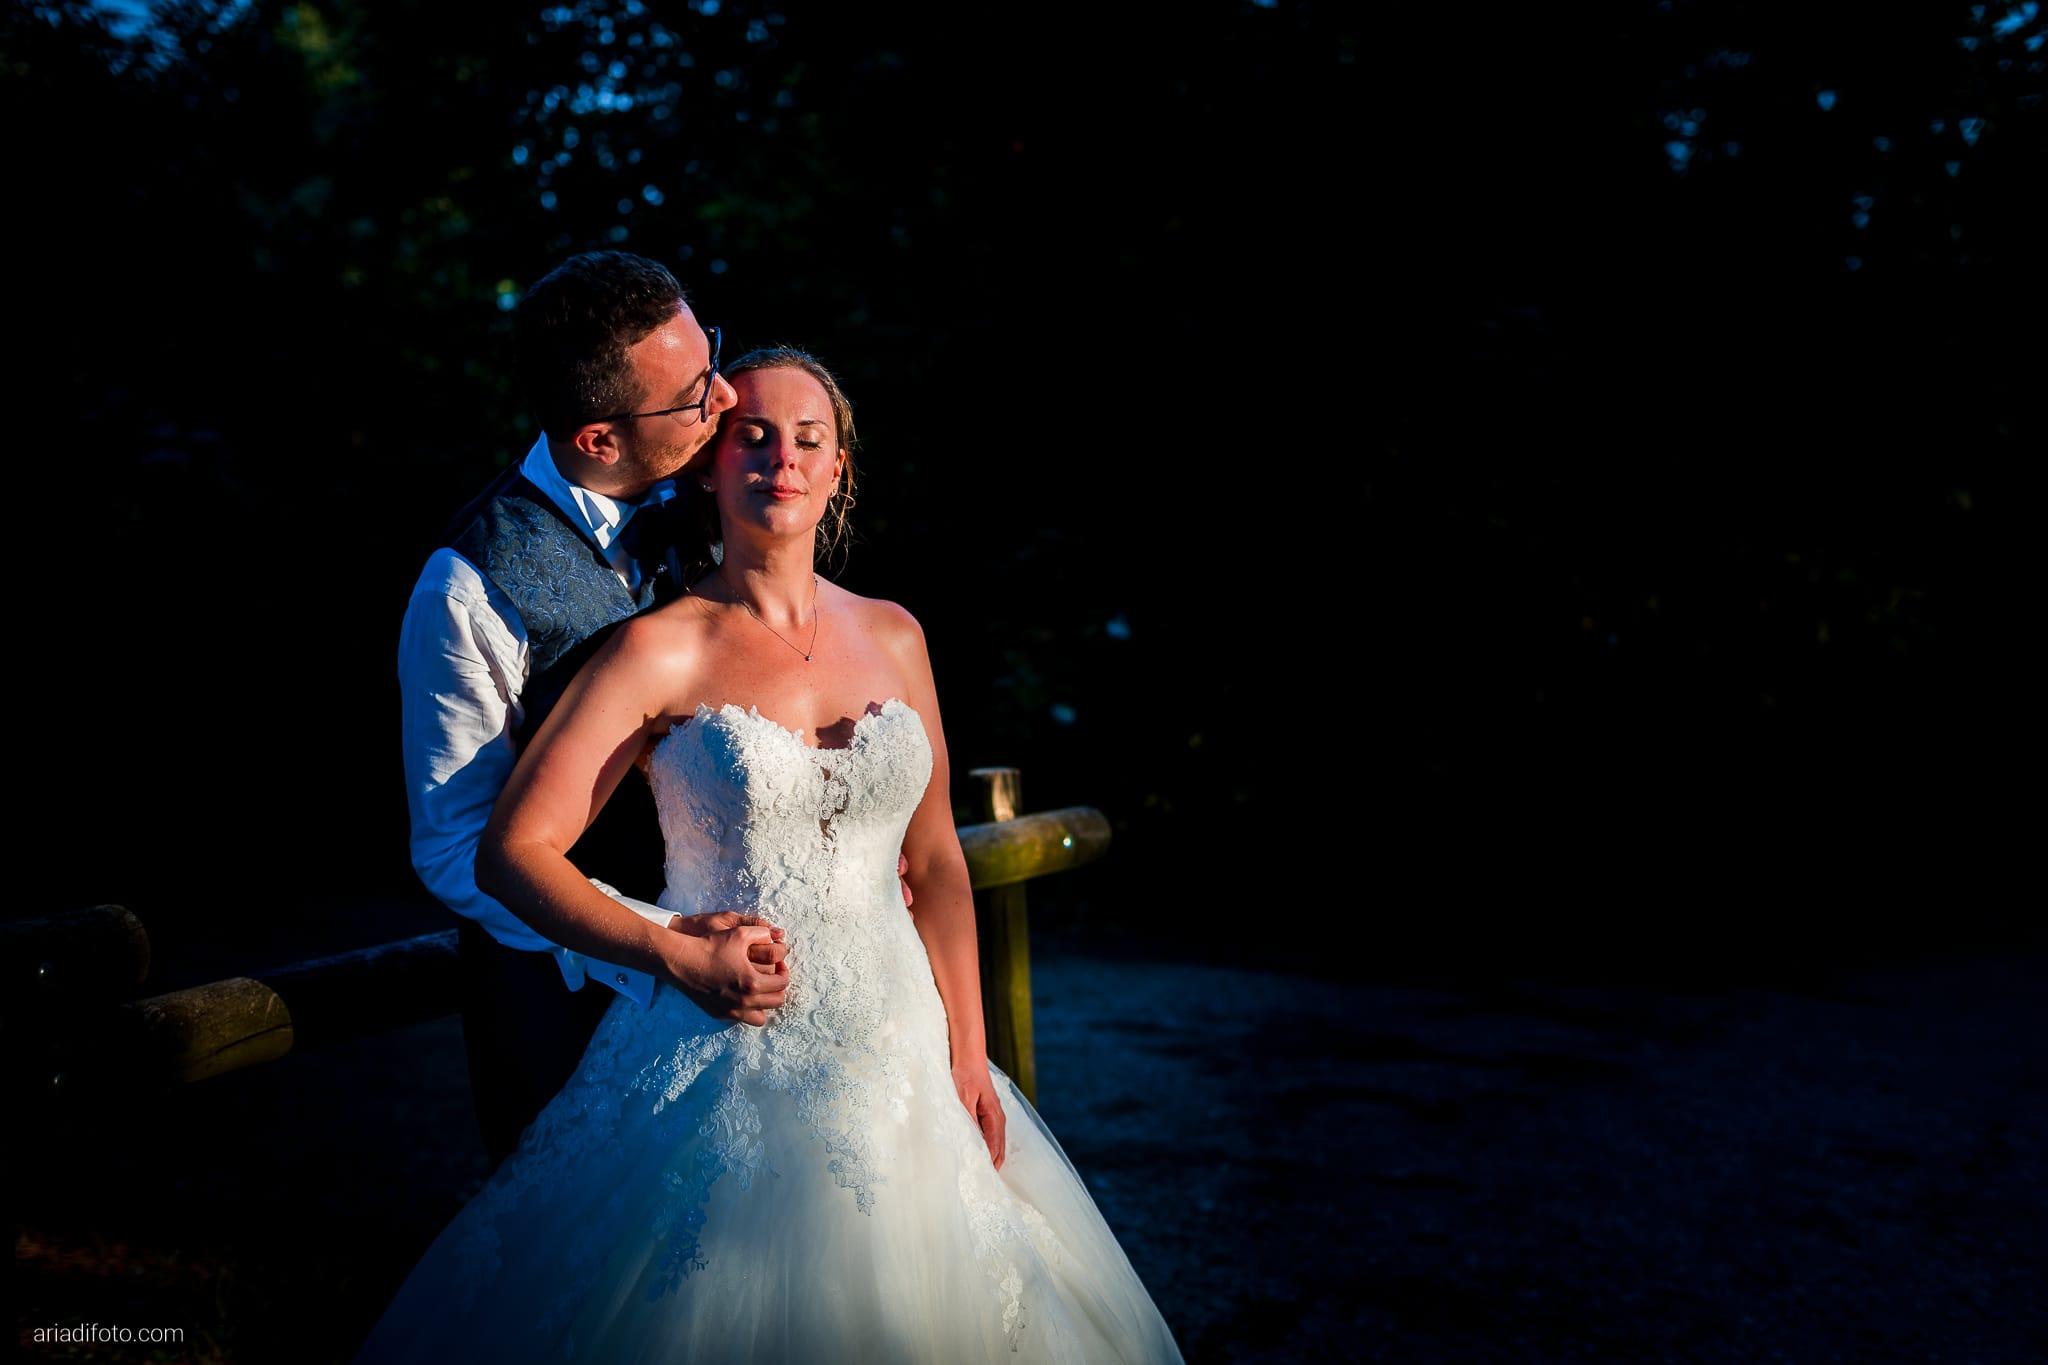 Anna Matteo Matrimonio Parco di Buttrio Udine ritratti sposi ora dorata